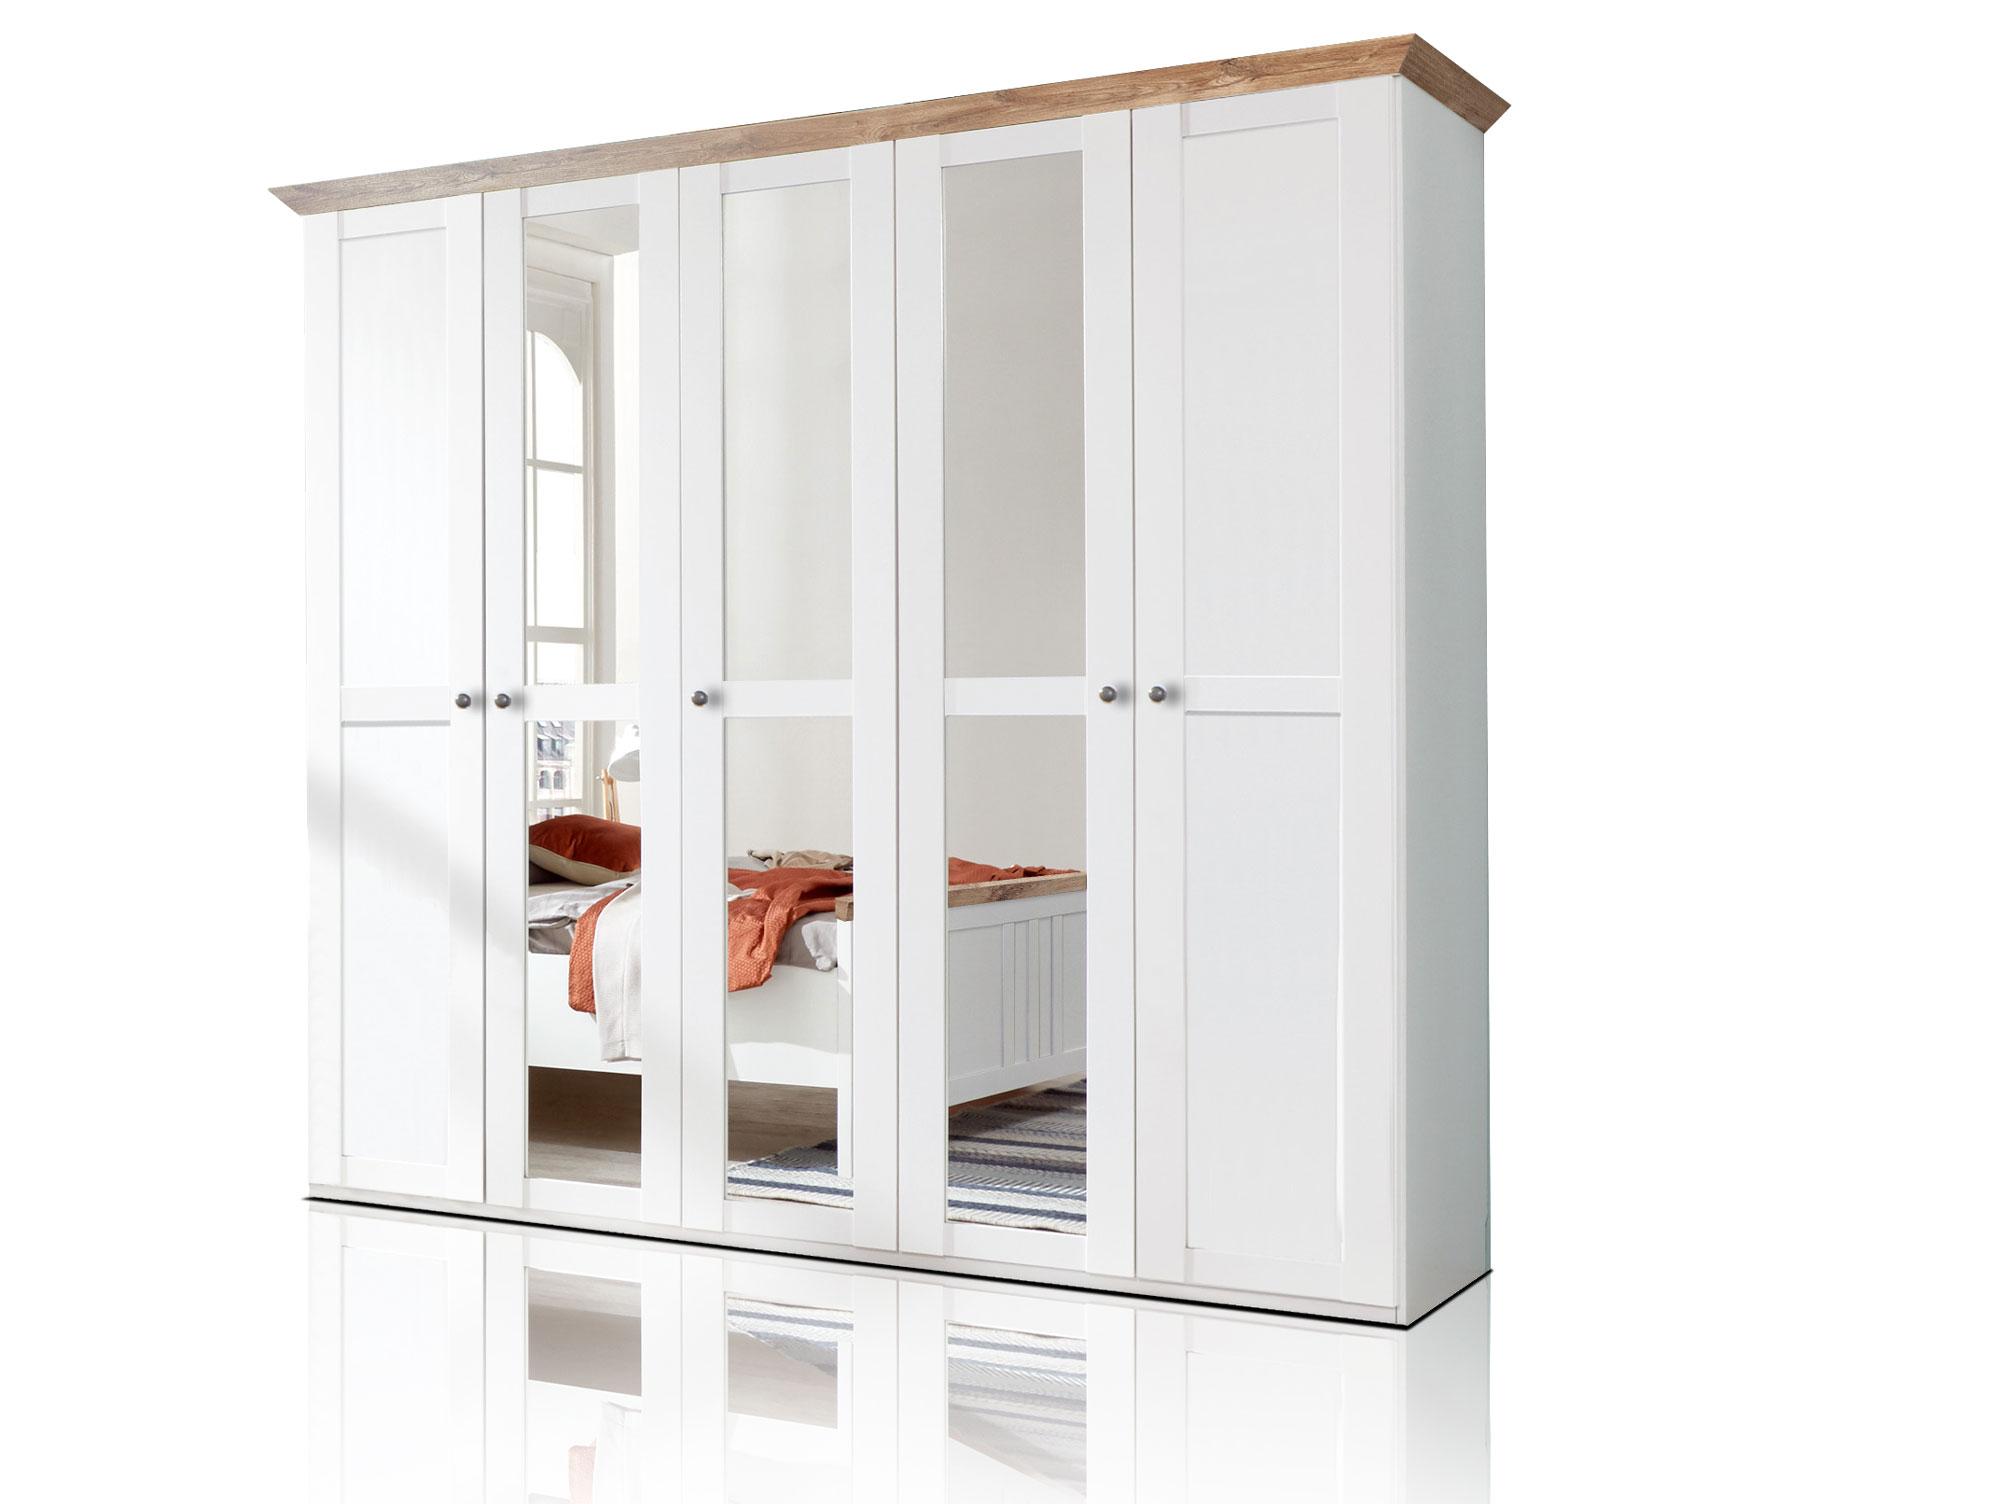 oldenburg 5 t riger kleiderschrank schrank mit dreht ren dekor wei eiche b225 ebay. Black Bedroom Furniture Sets. Home Design Ideas